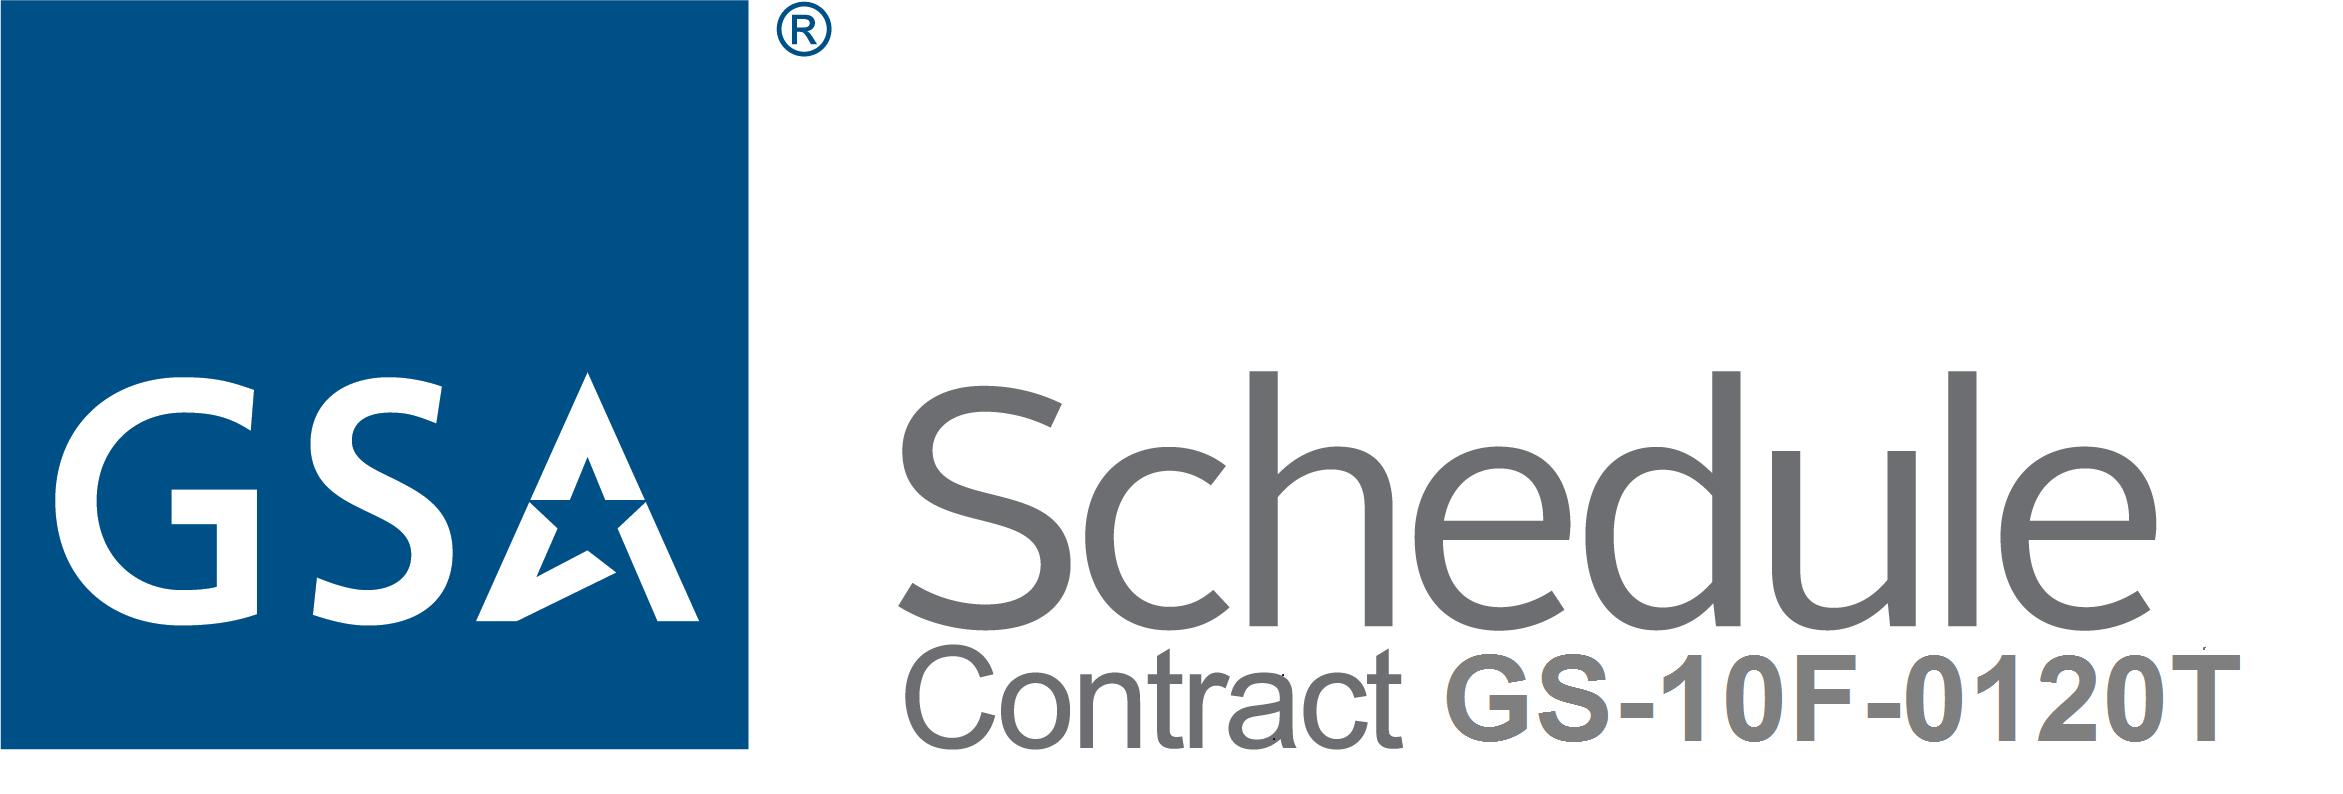 GSA Schedule_Contract_Number